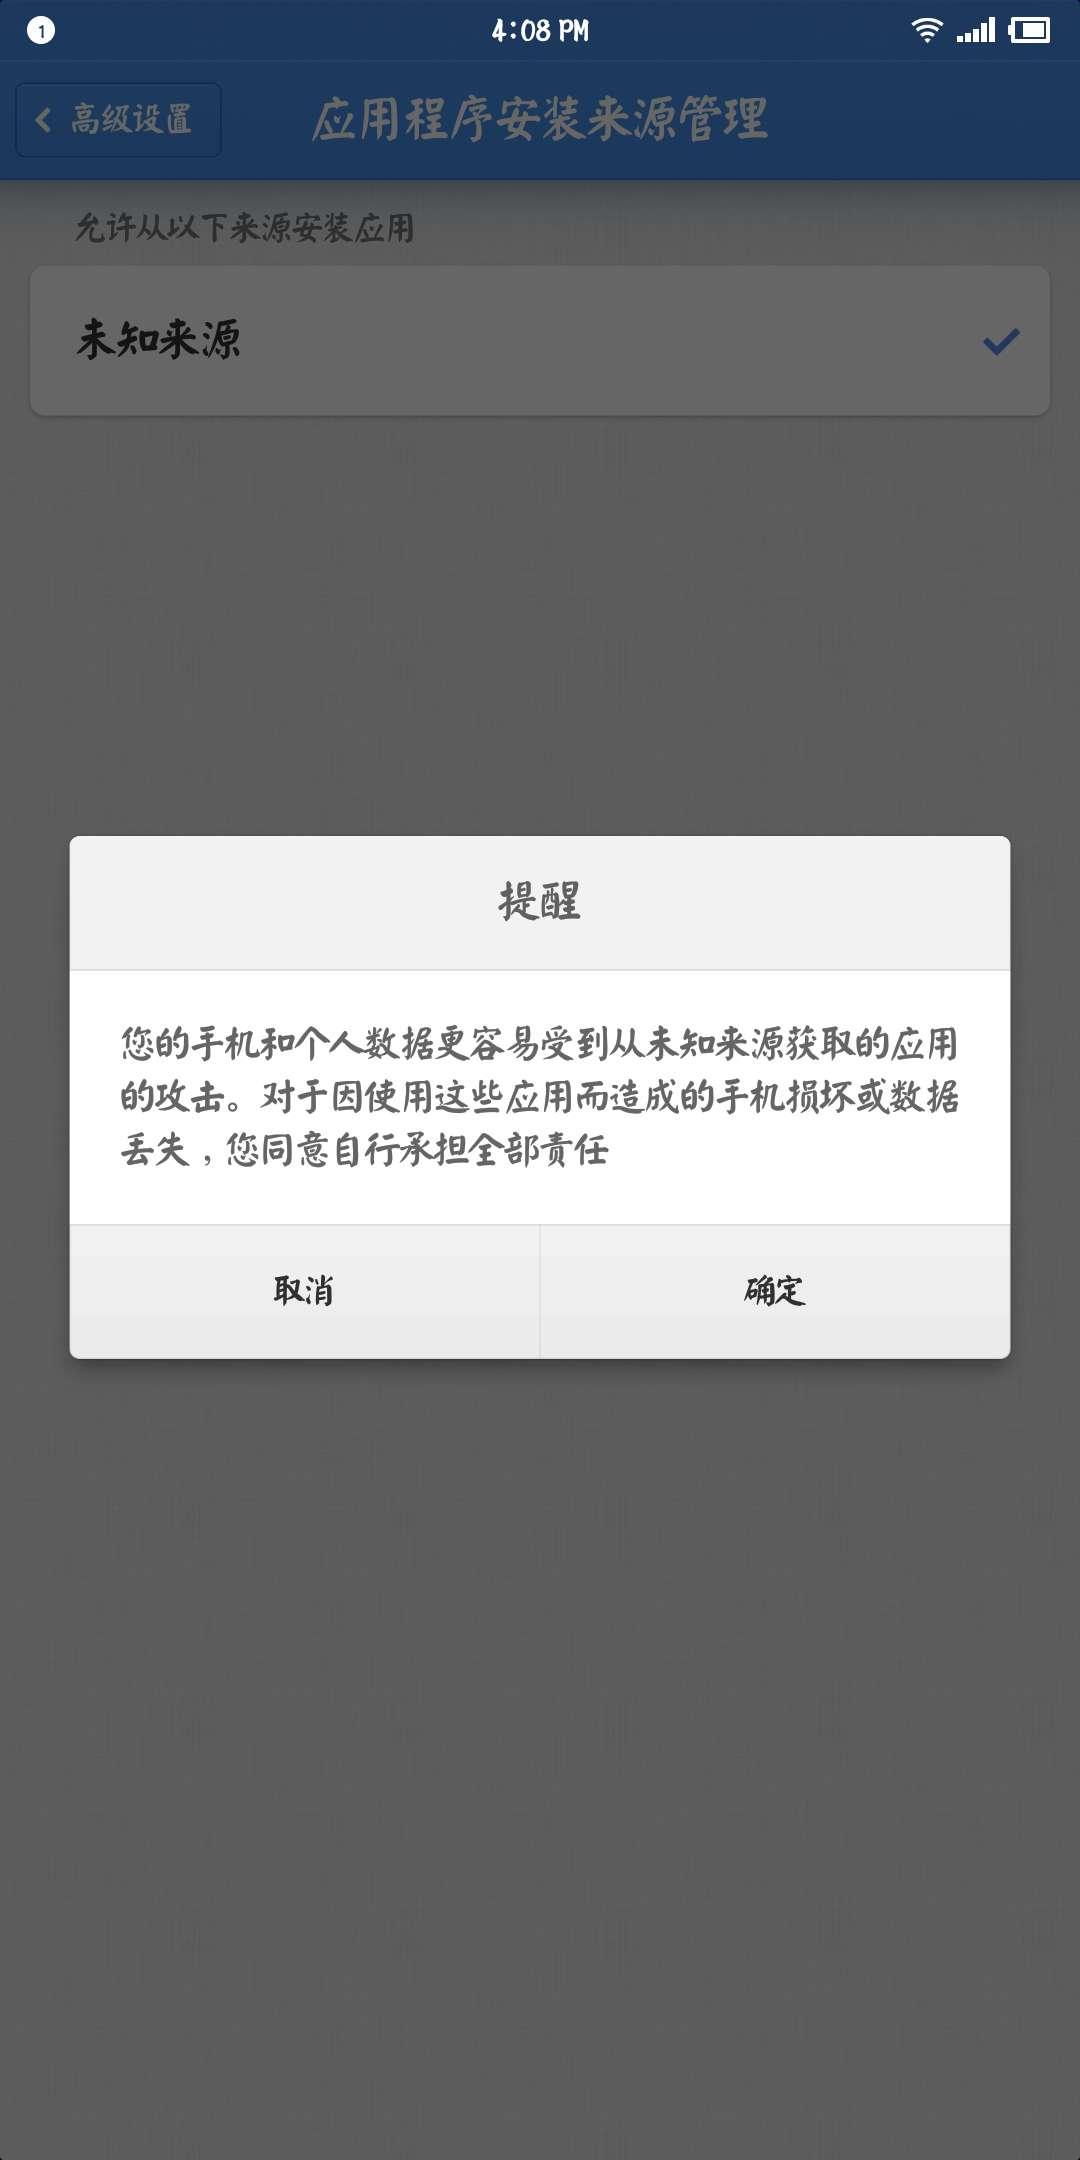 微信图片_20190112161452.jpg